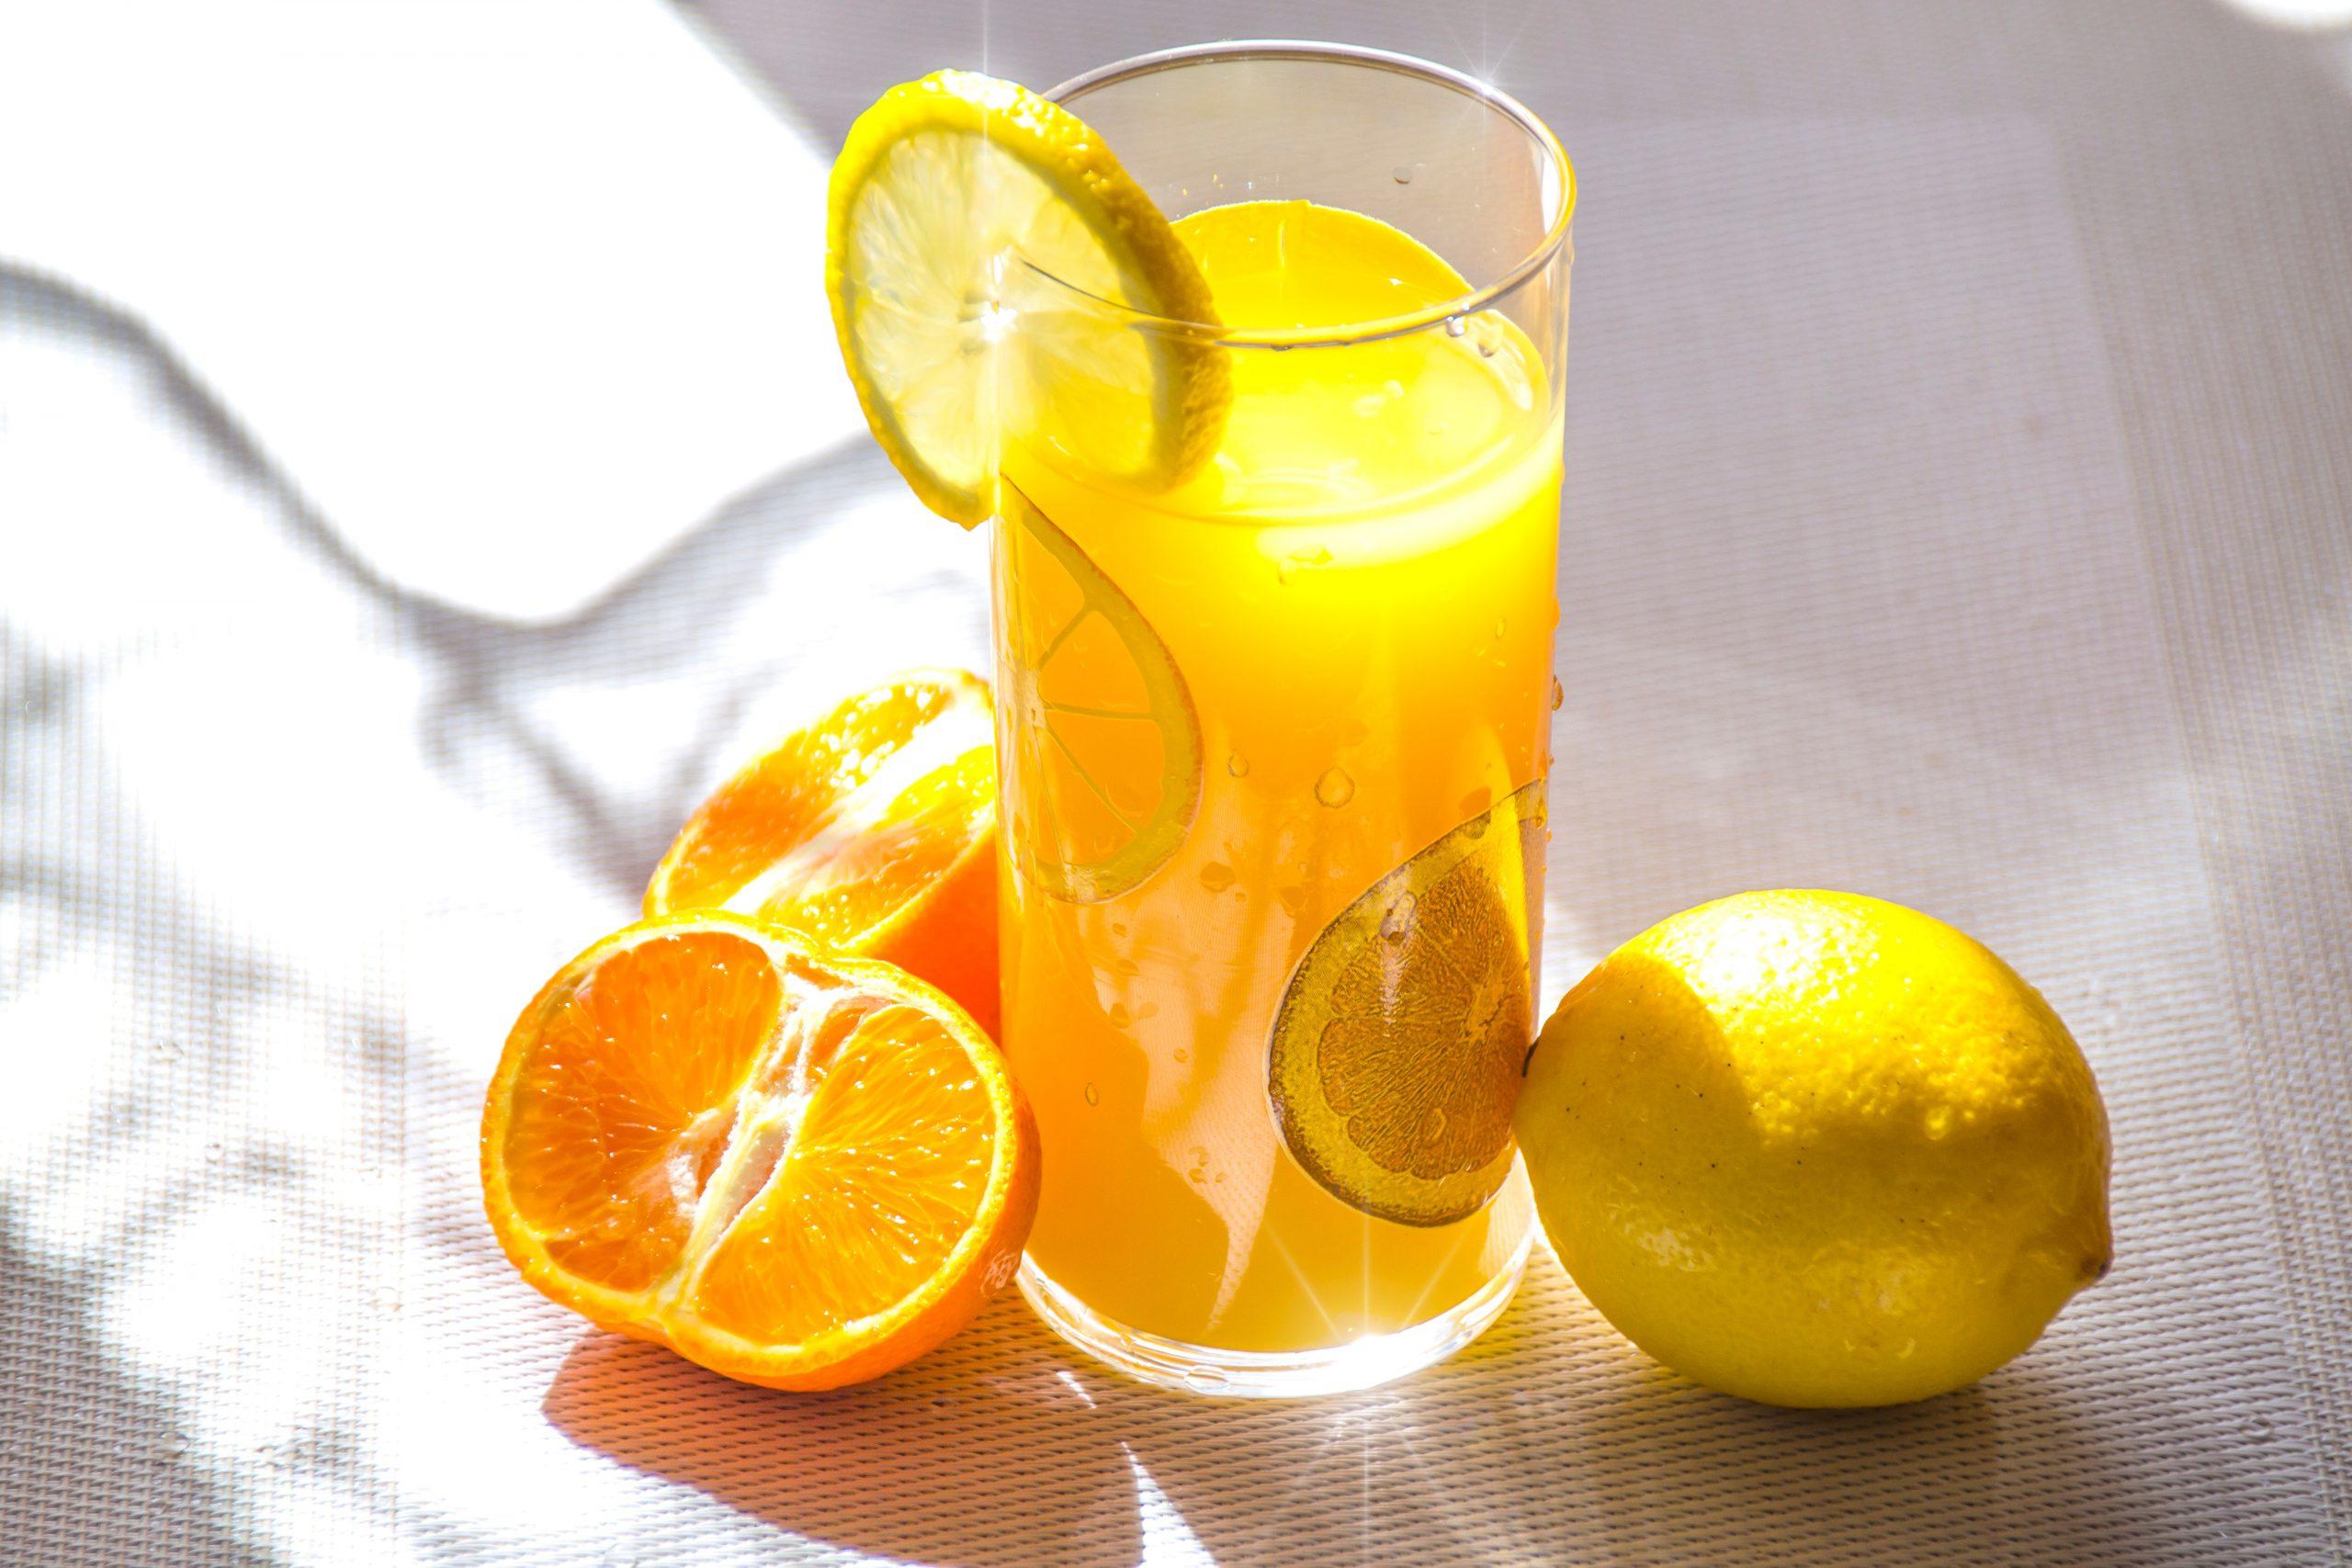 aroma-beverage-blur-citrus-96974